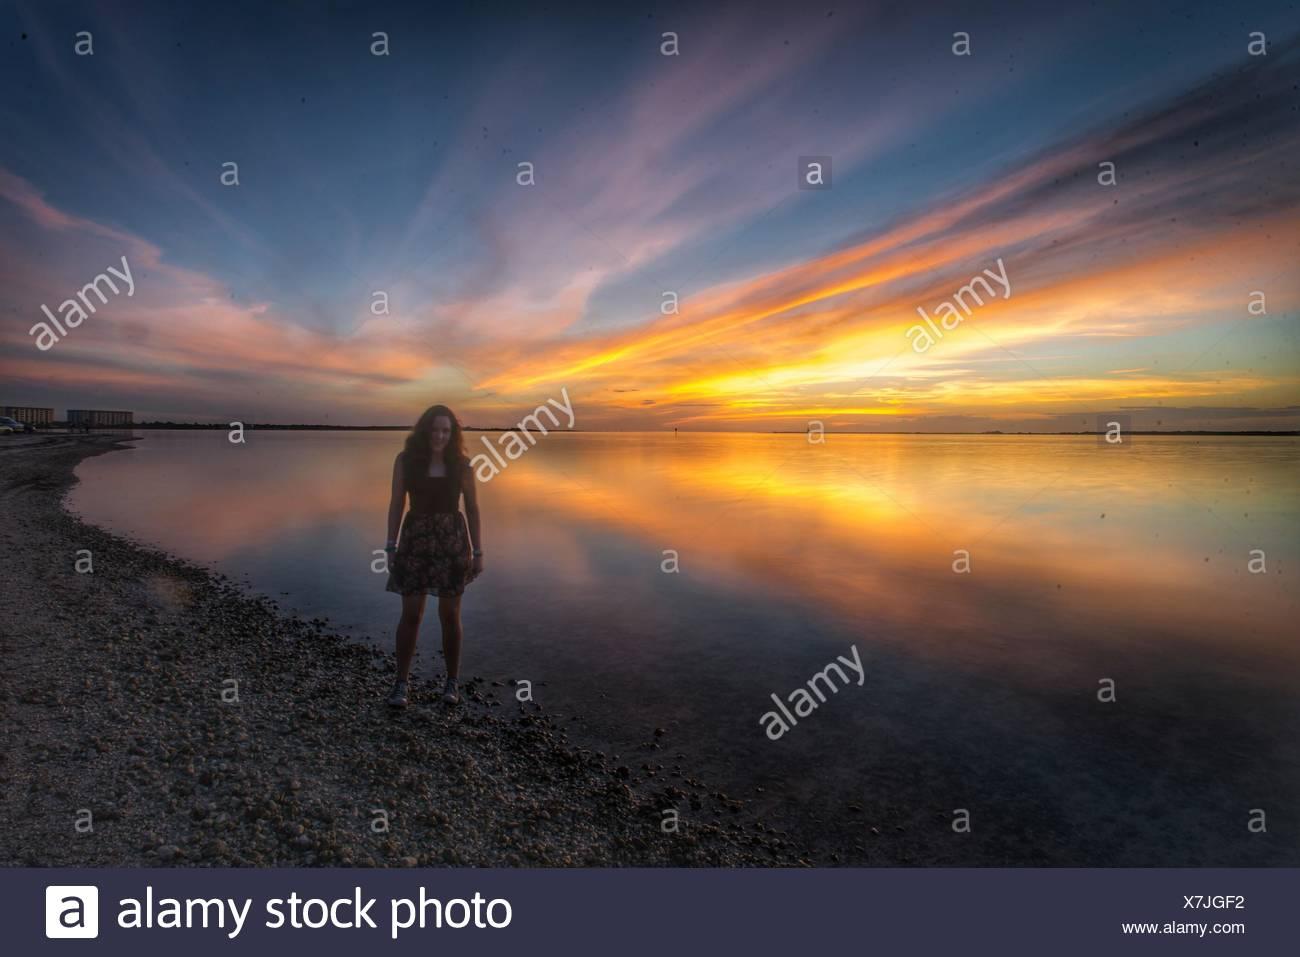 Toute la longueur de Woman Standing On Beach at Dusk Photo Stock